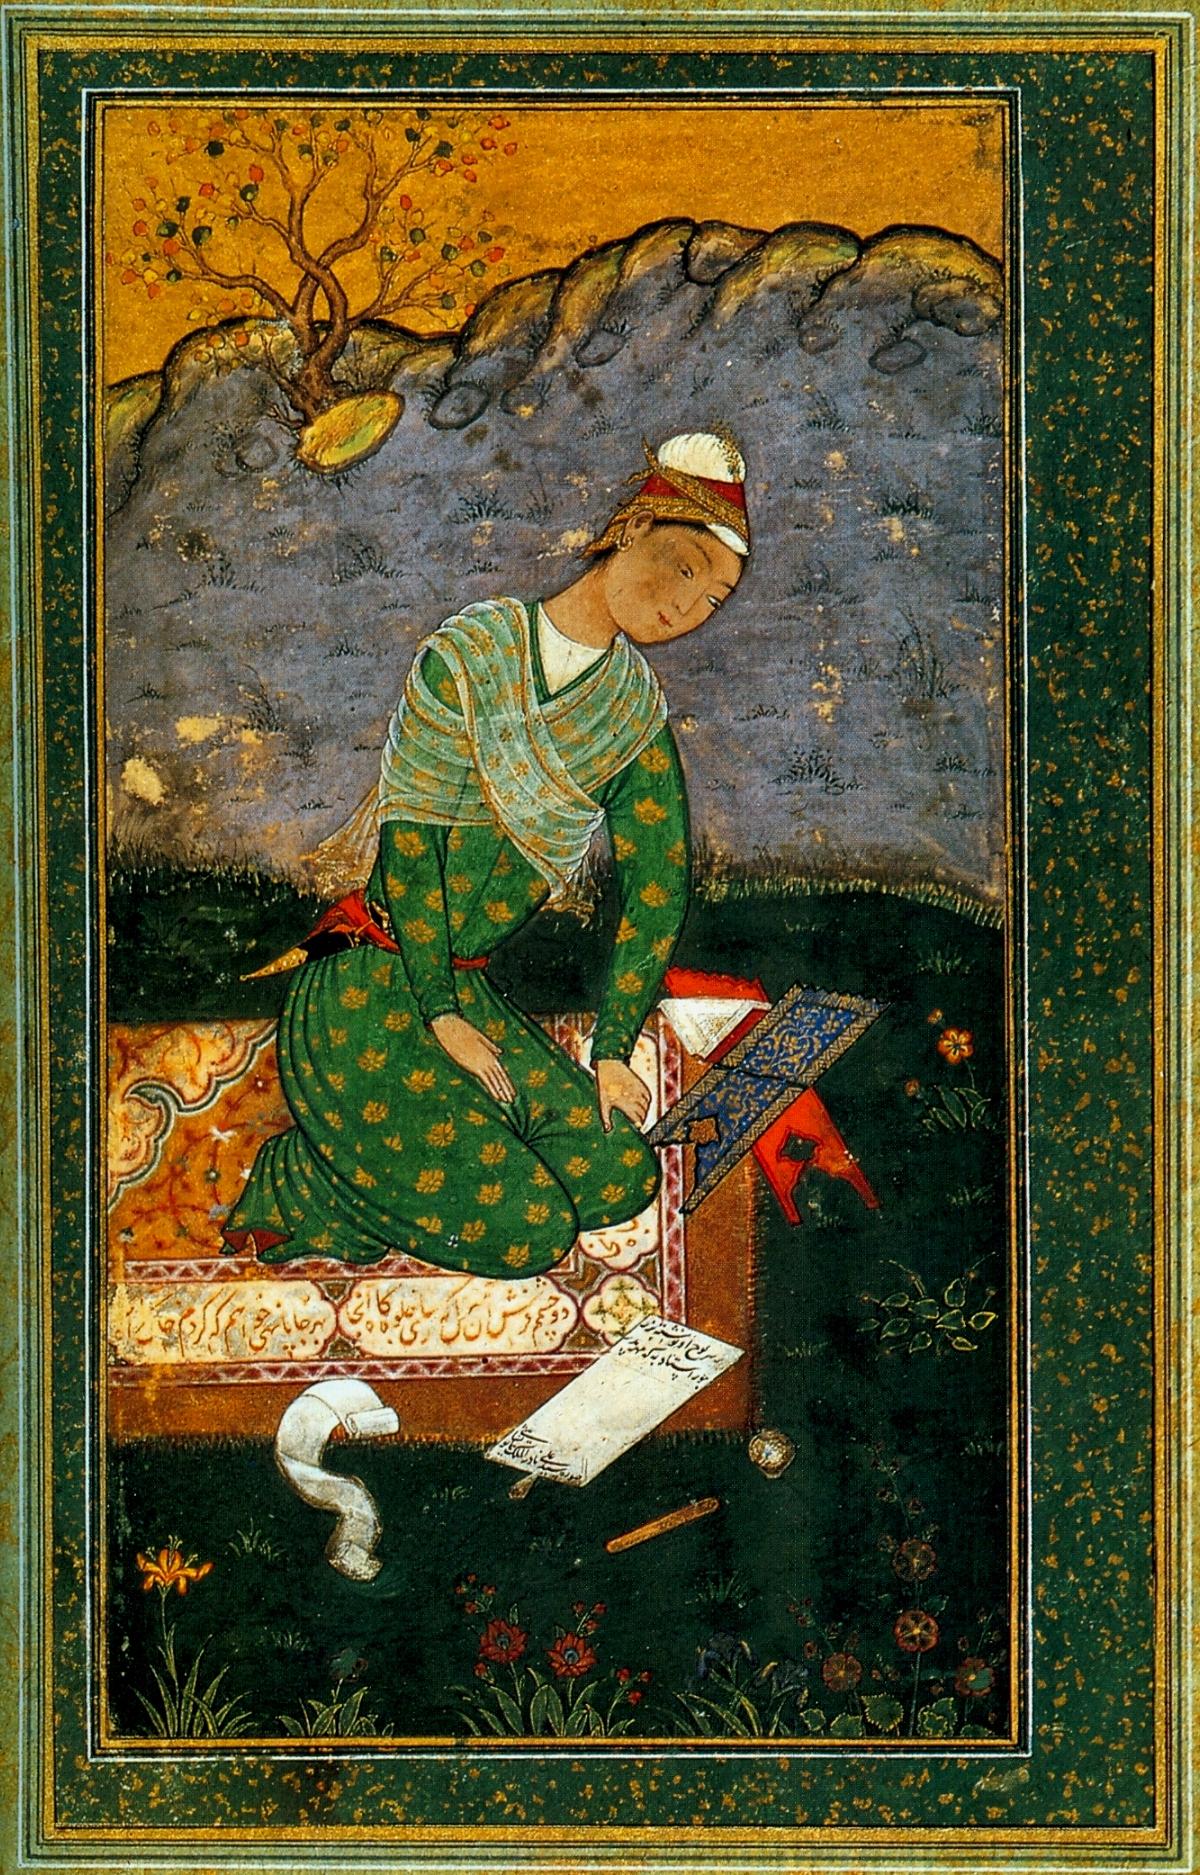 Mir Sayyid Paintings